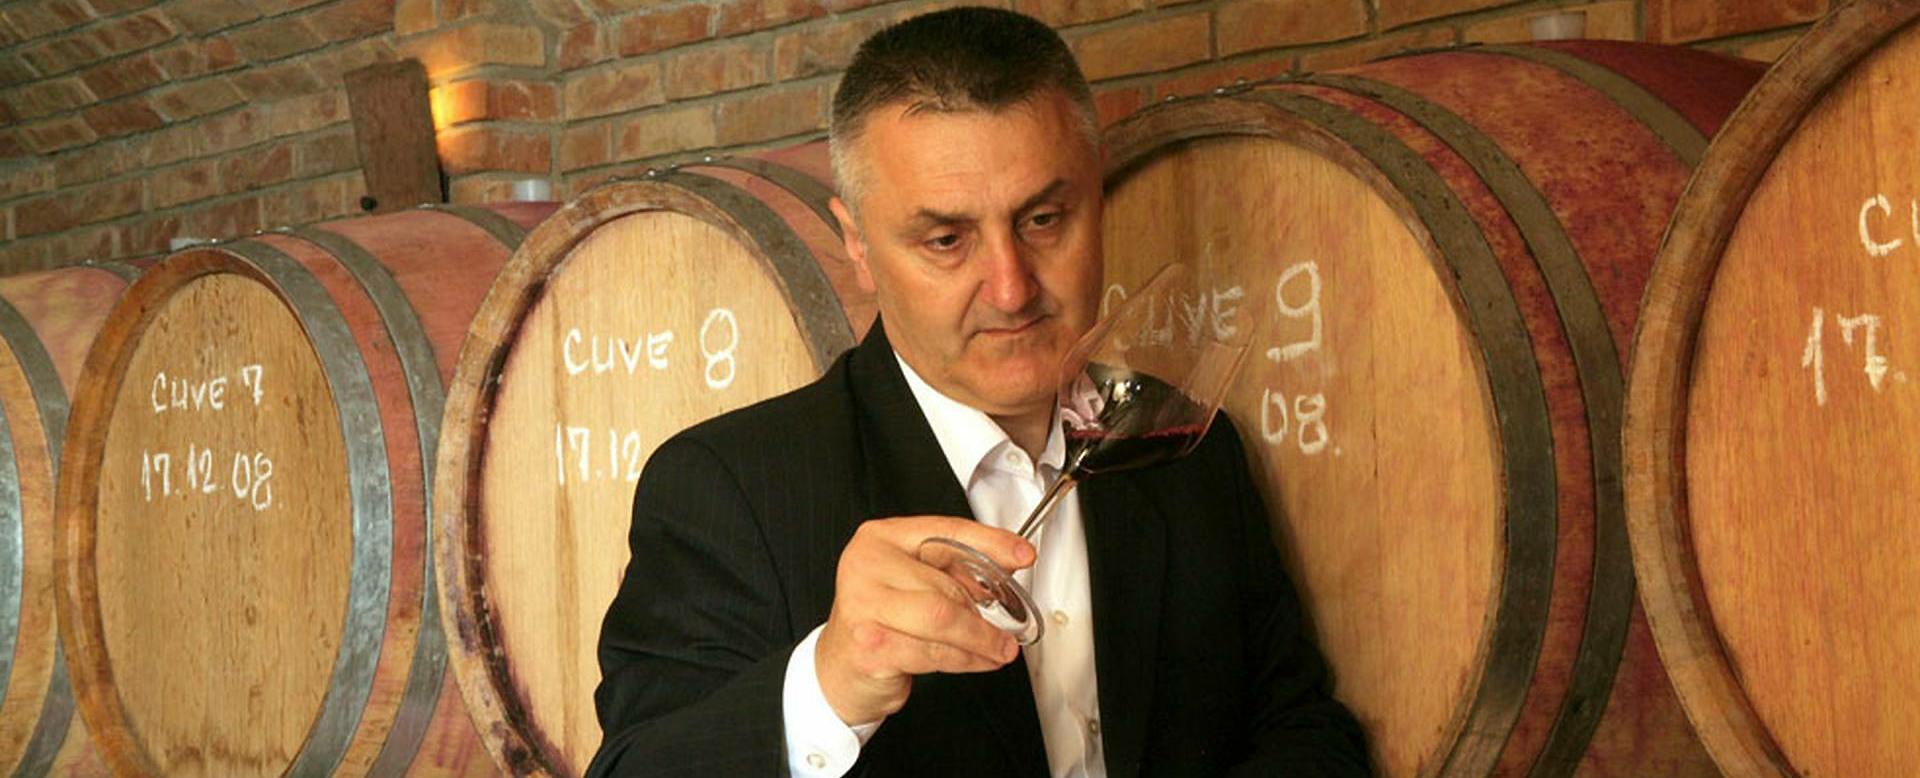 Zdjelarević predstavio difuznu vinariju